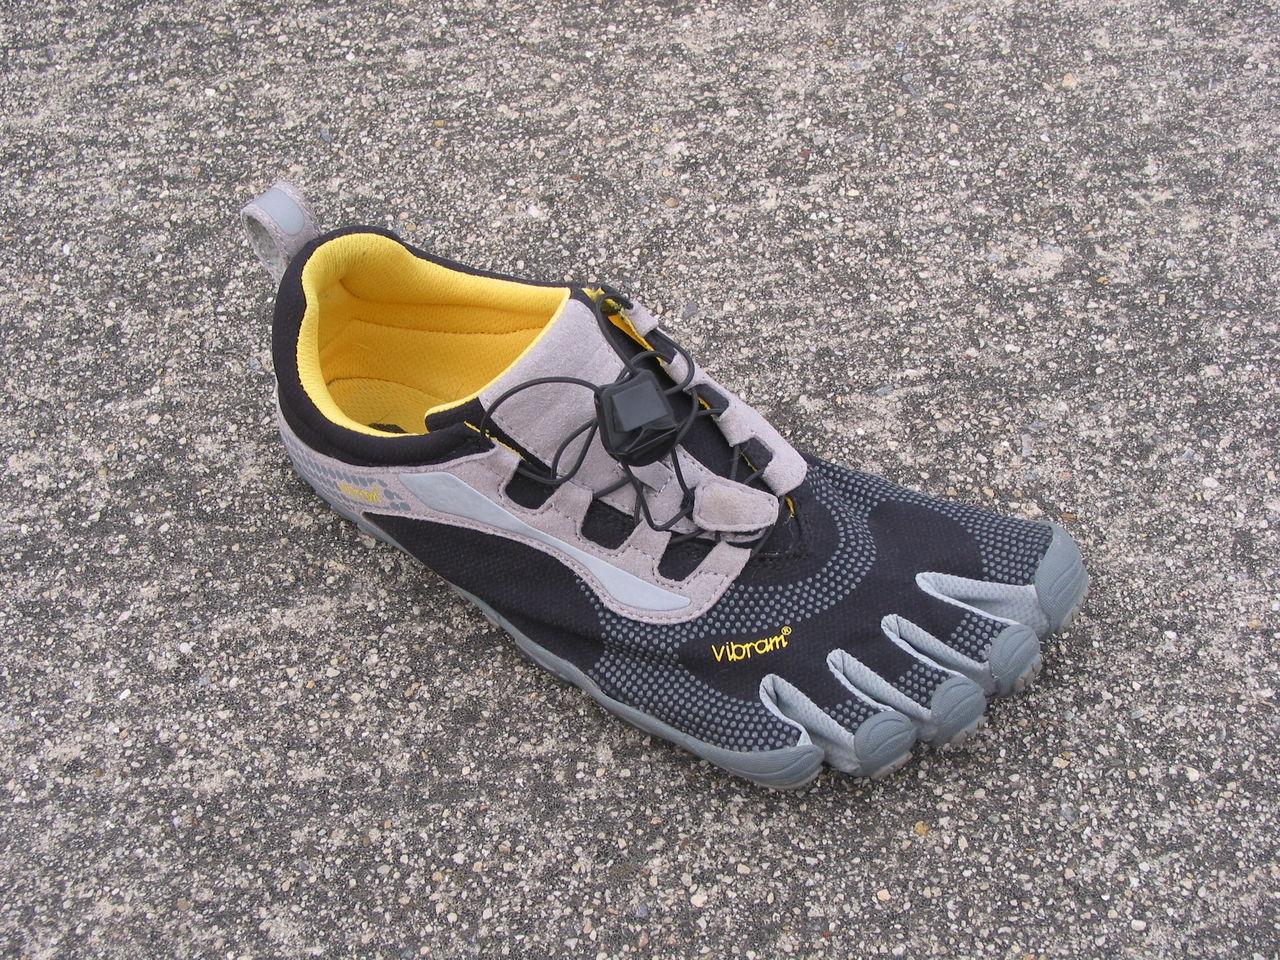 この靴で自転車に乗りたいがために、今回のフラットペダルを導入してみたのである。 ペダル踏み面に凹凸がなく、靴の裏(足の裏)にフィットする形をしているので。